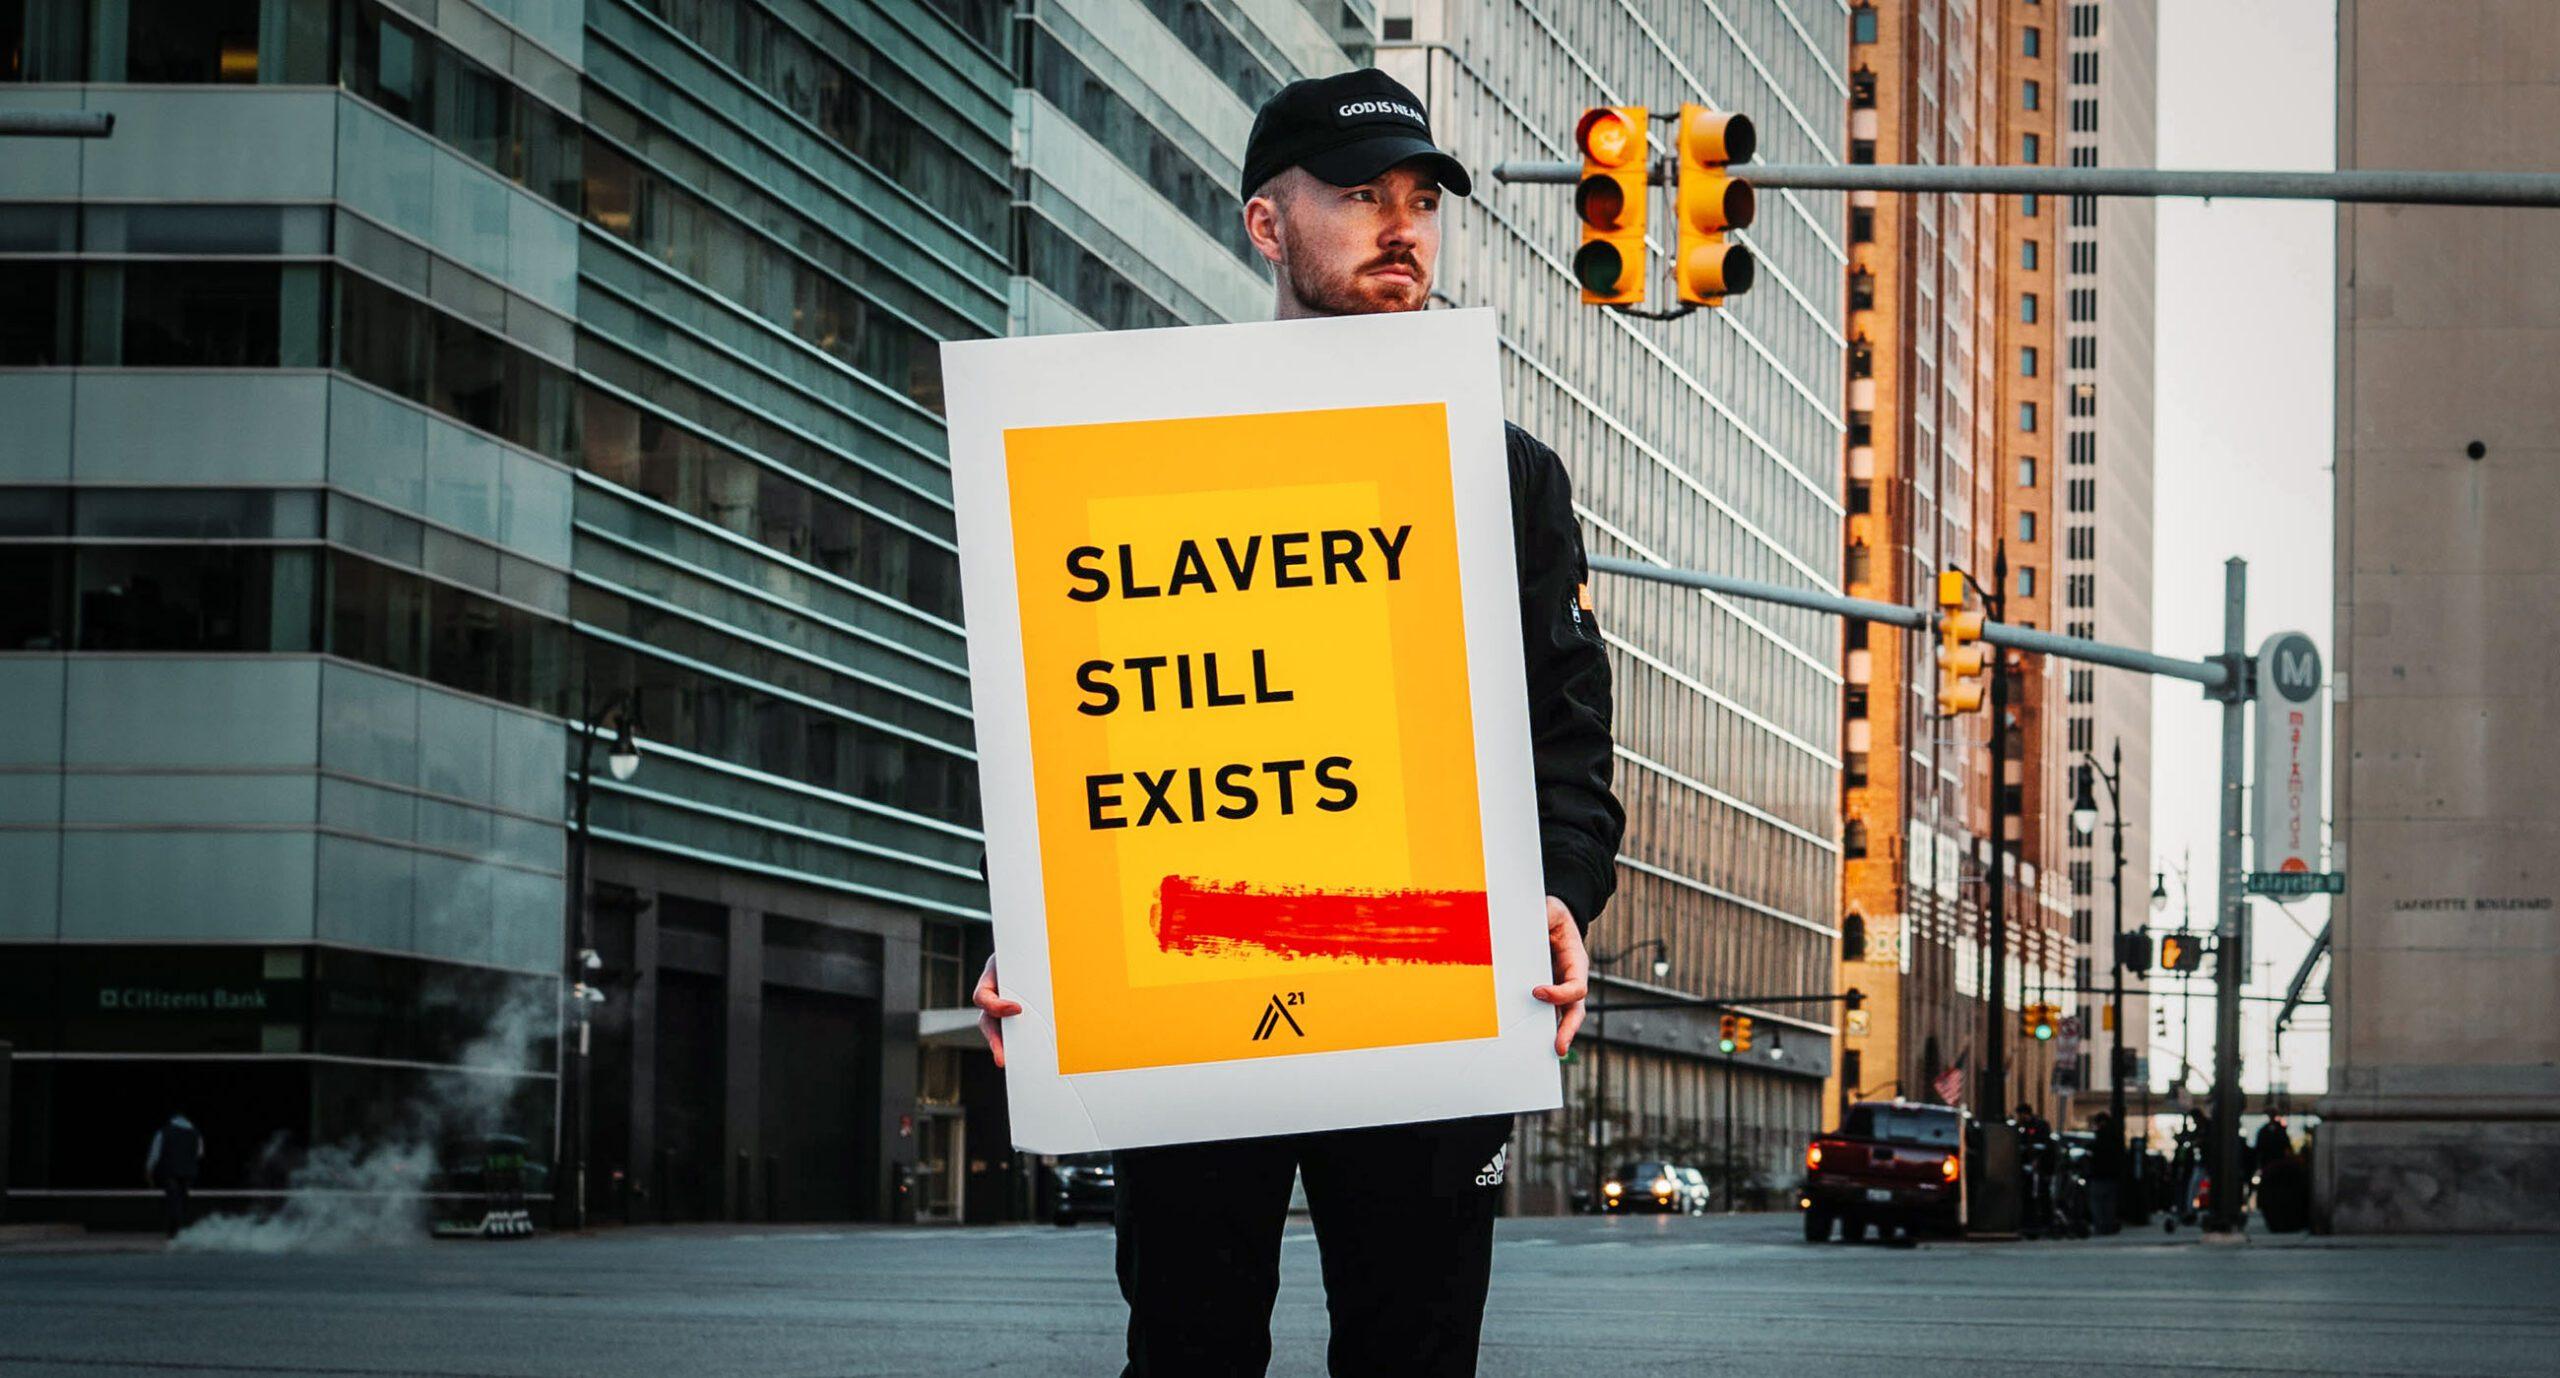 Трудове рабство в Україні: схеми, законодавство, статистика та реальність